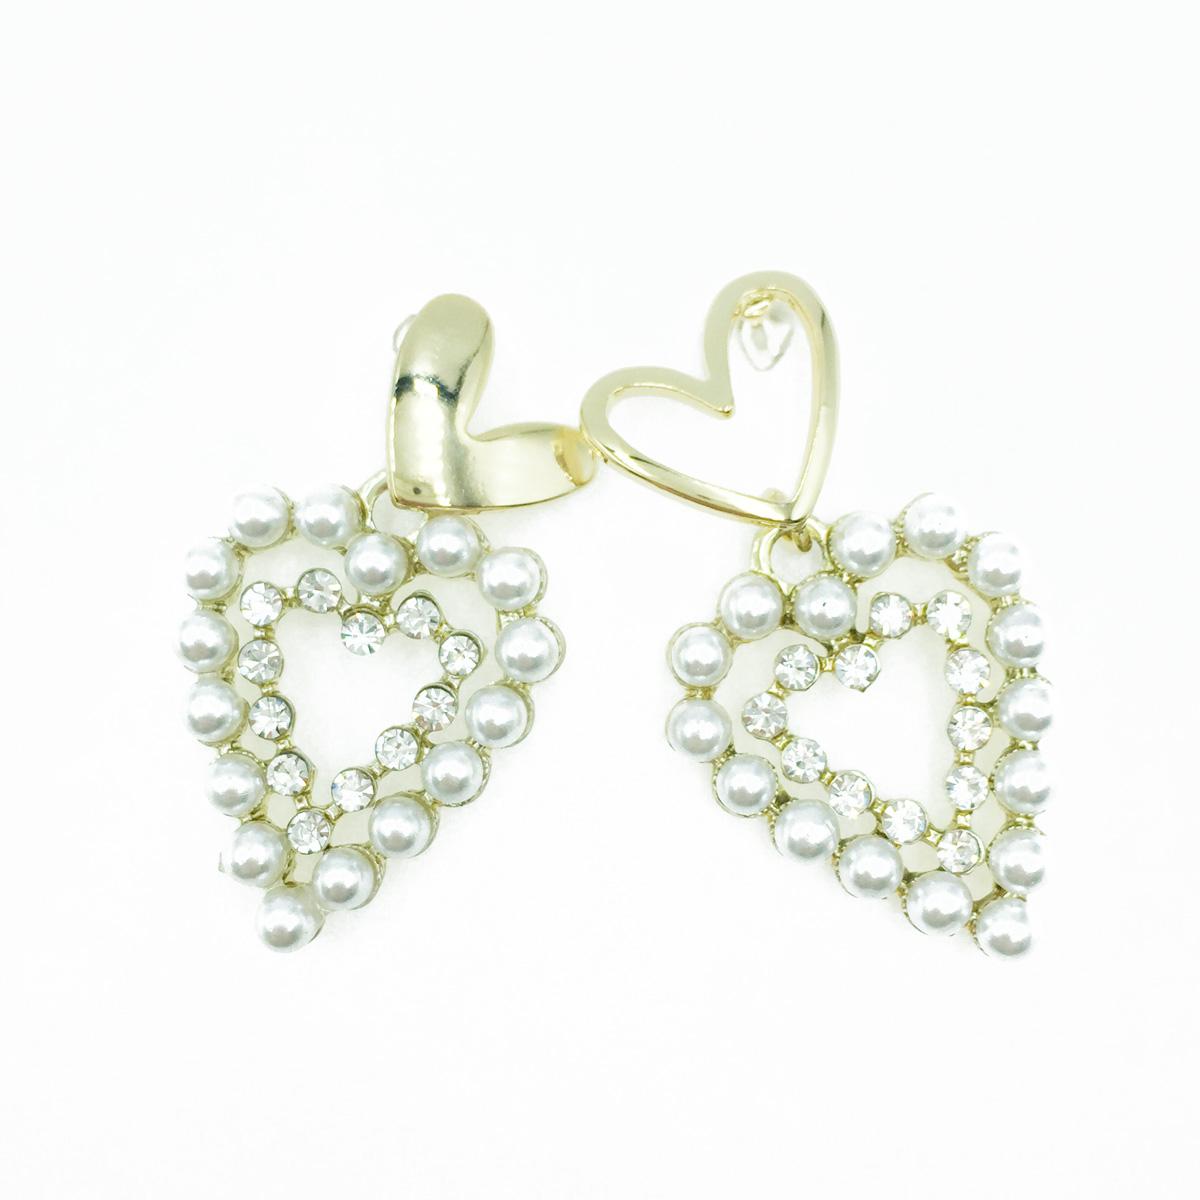 韓國 金愛心 簍空造型 水鑽 珍珠 甜美系 垂墜感 耳針式耳環